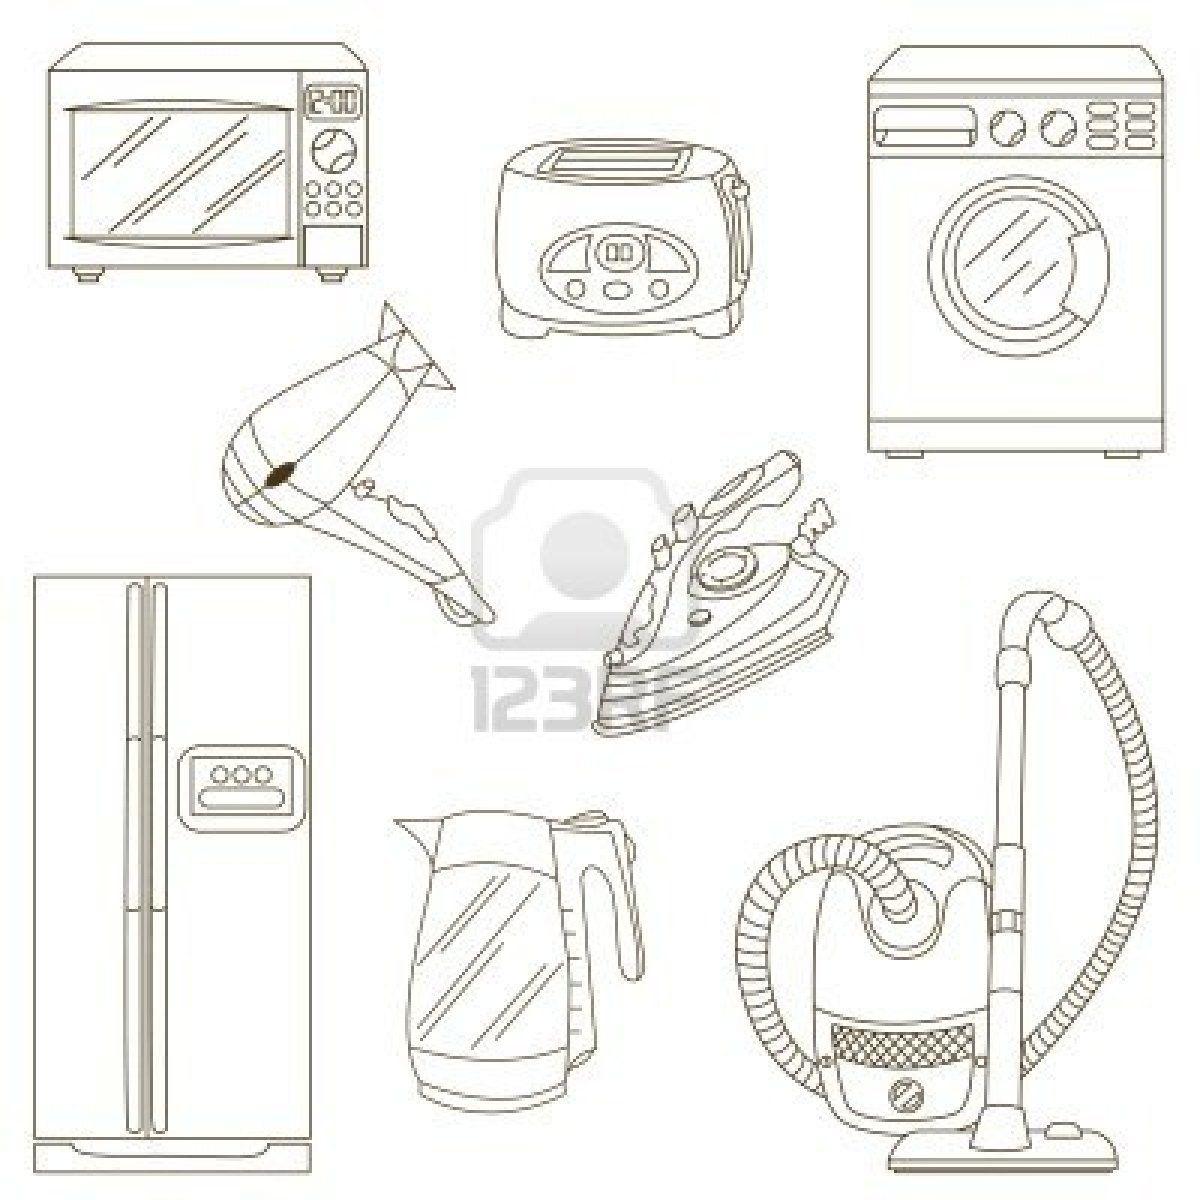 Dibujo Electrodomesticos